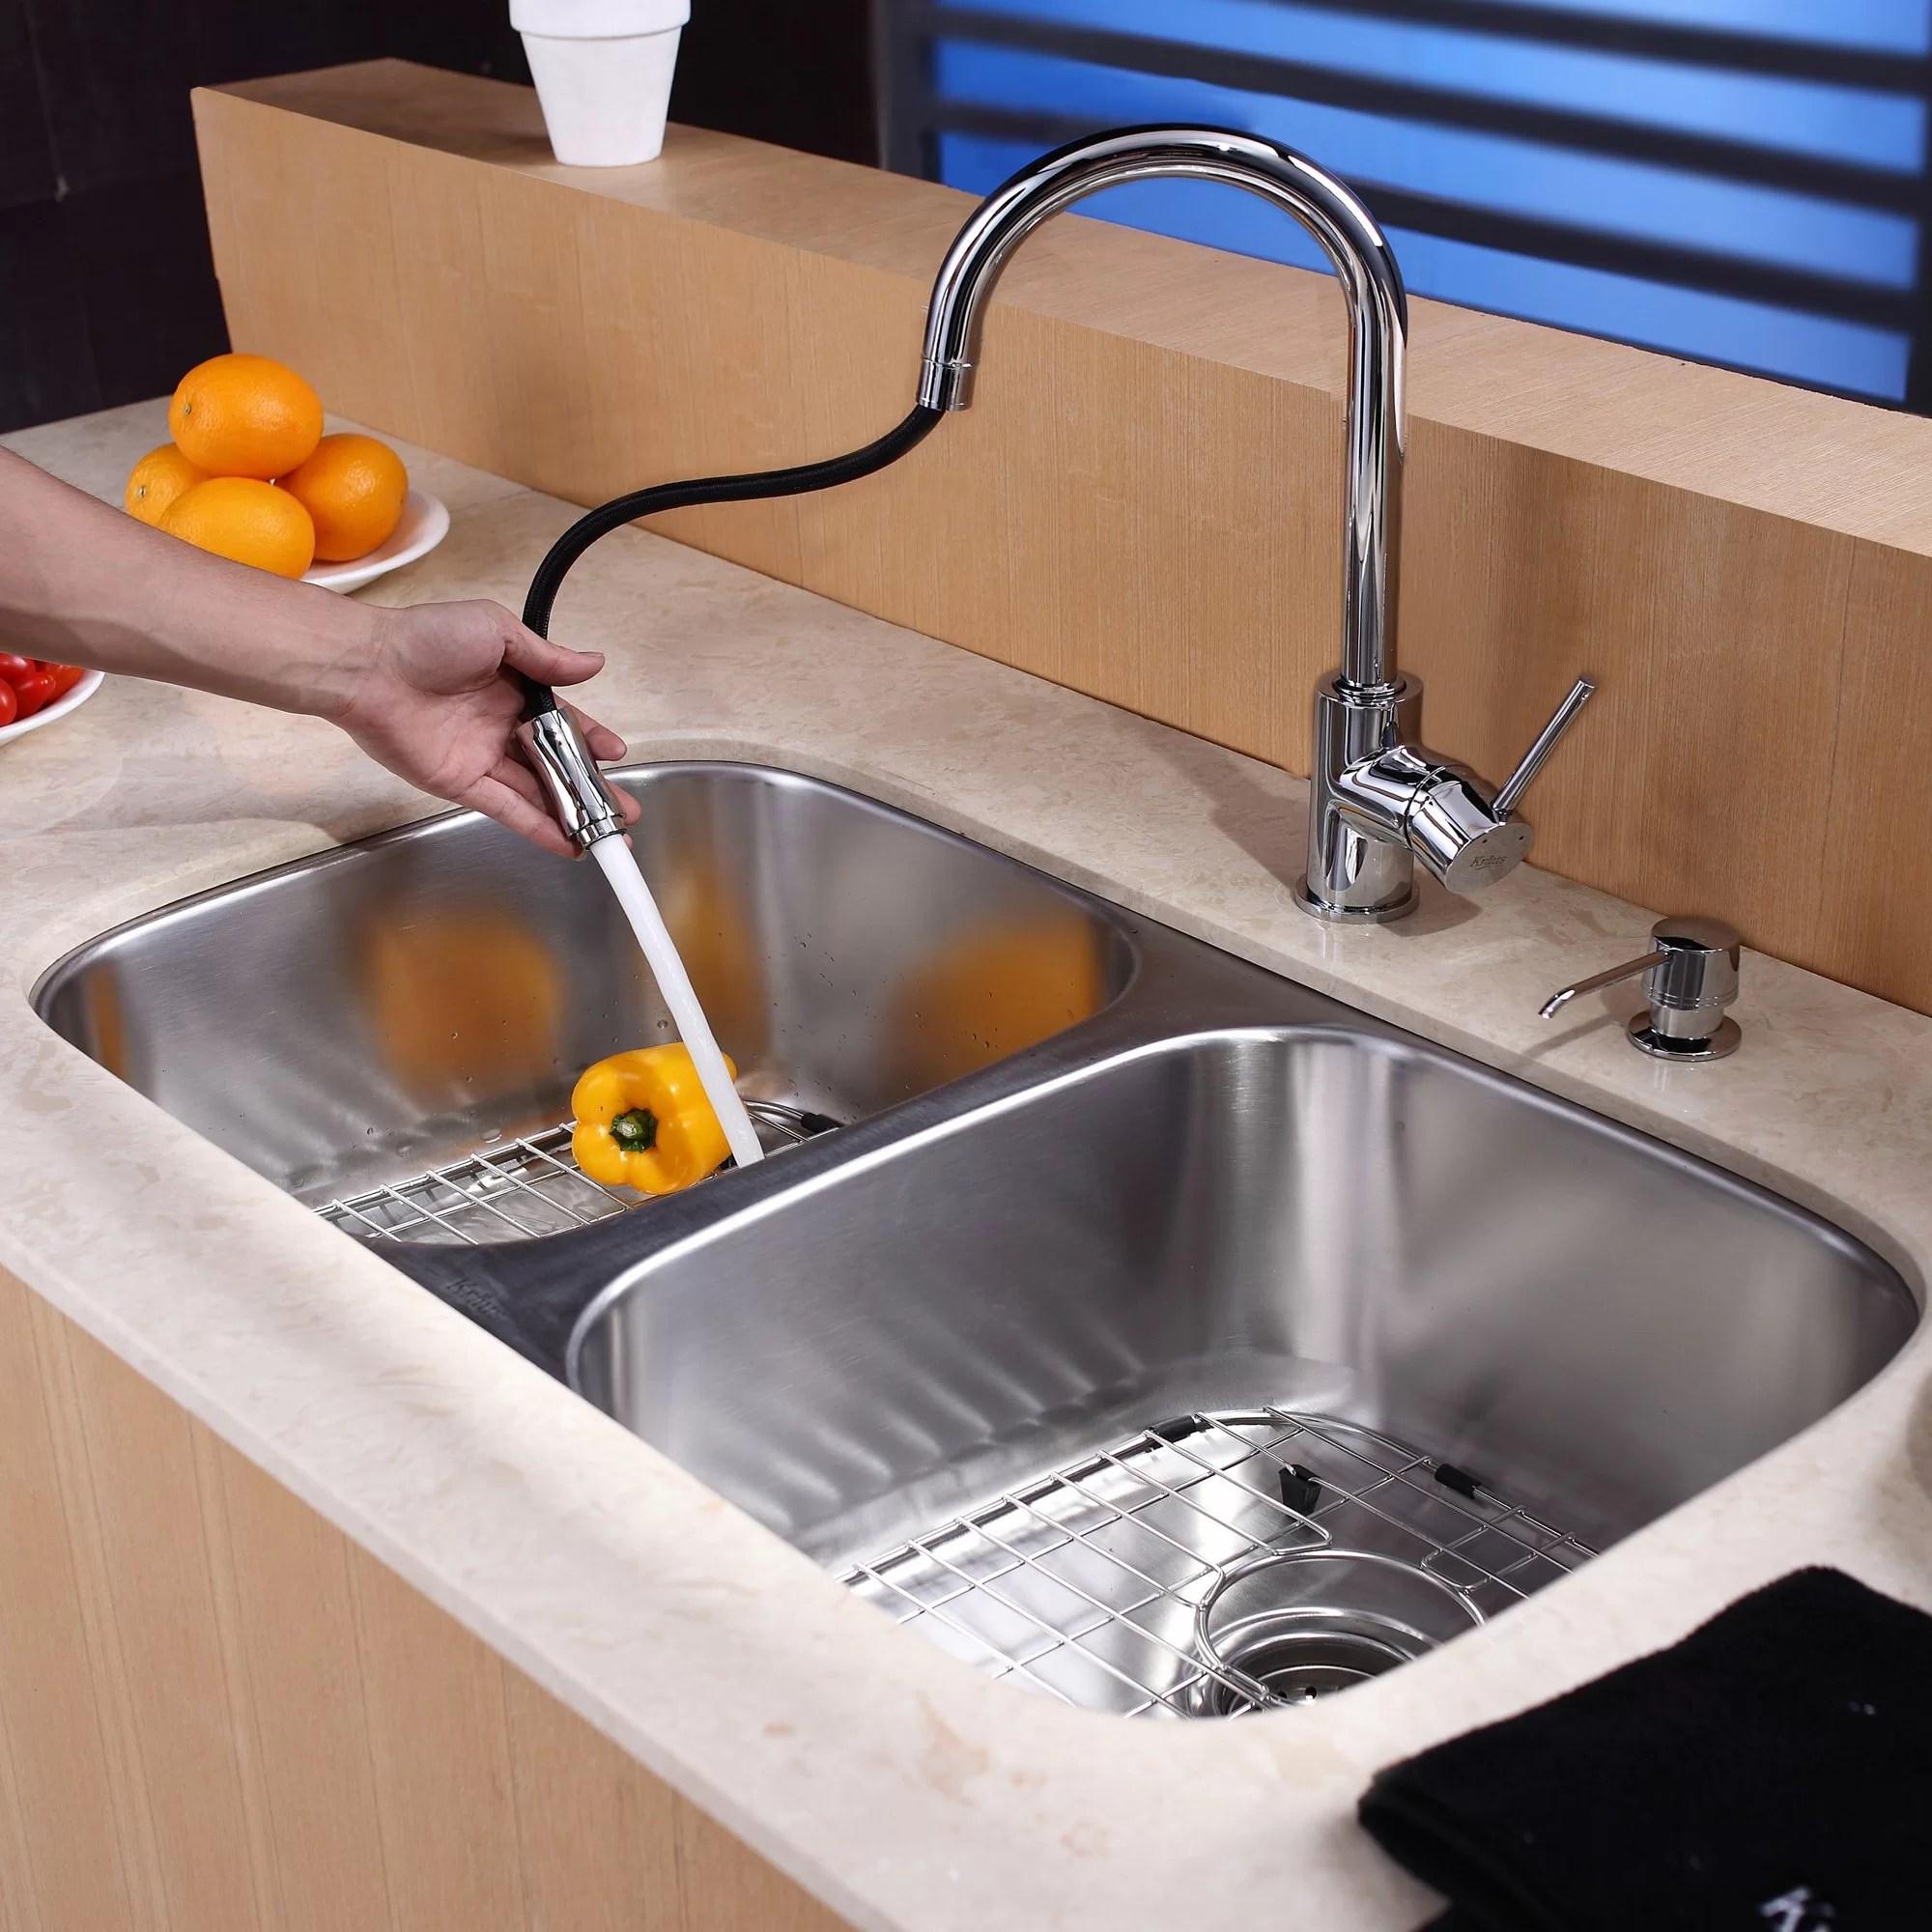 double bowl kitchen sink purple decor kraus 8 piece undermount set